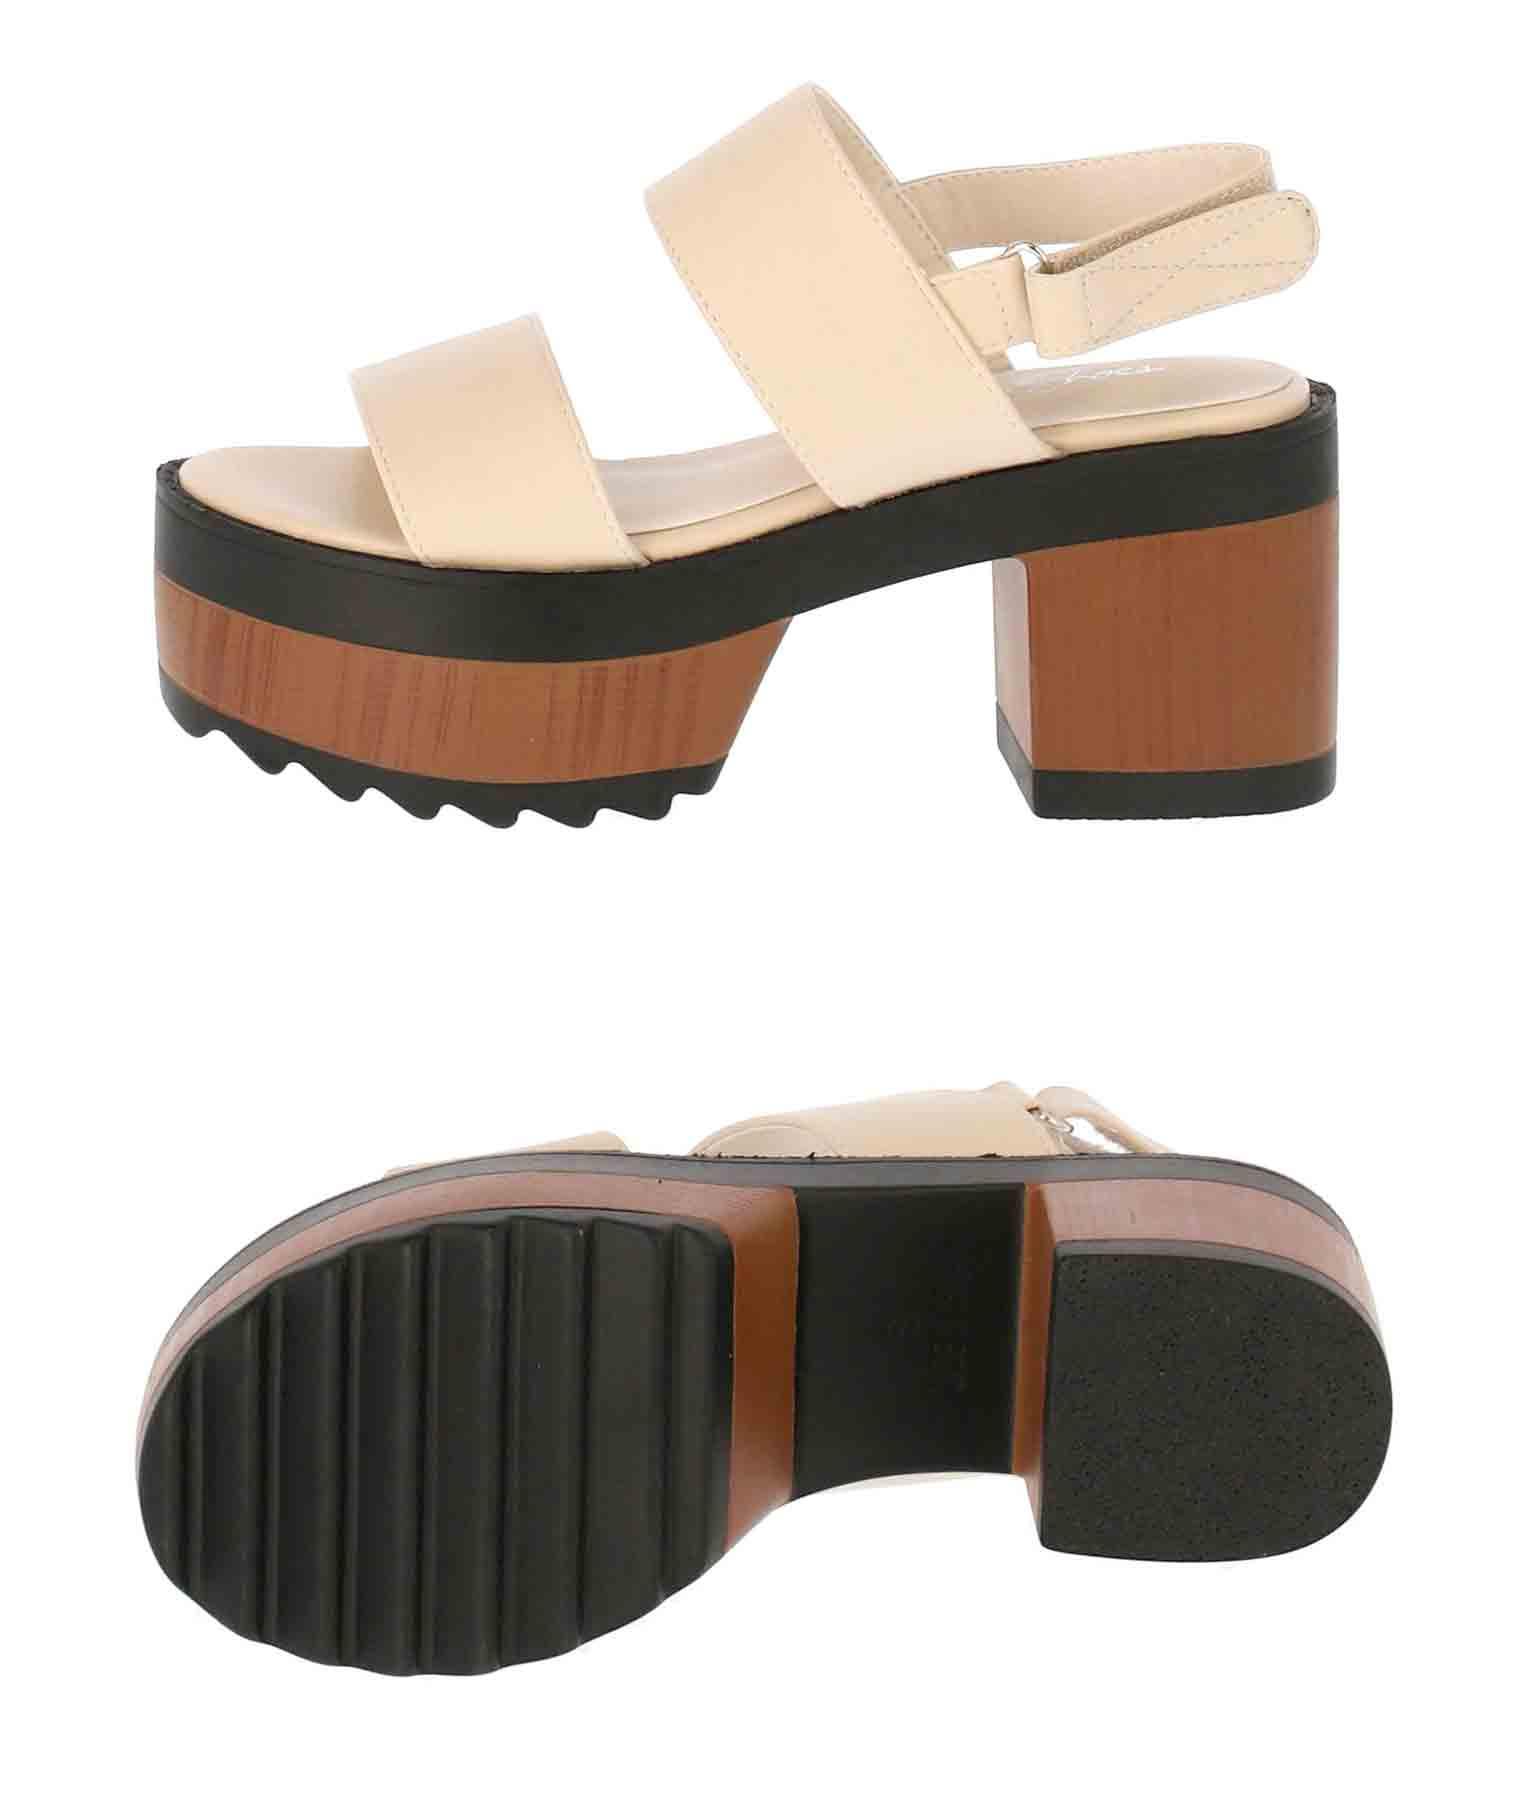 ダブルベルトプラットフォームサンダル(シューズ・靴/サンダル)   ANAP